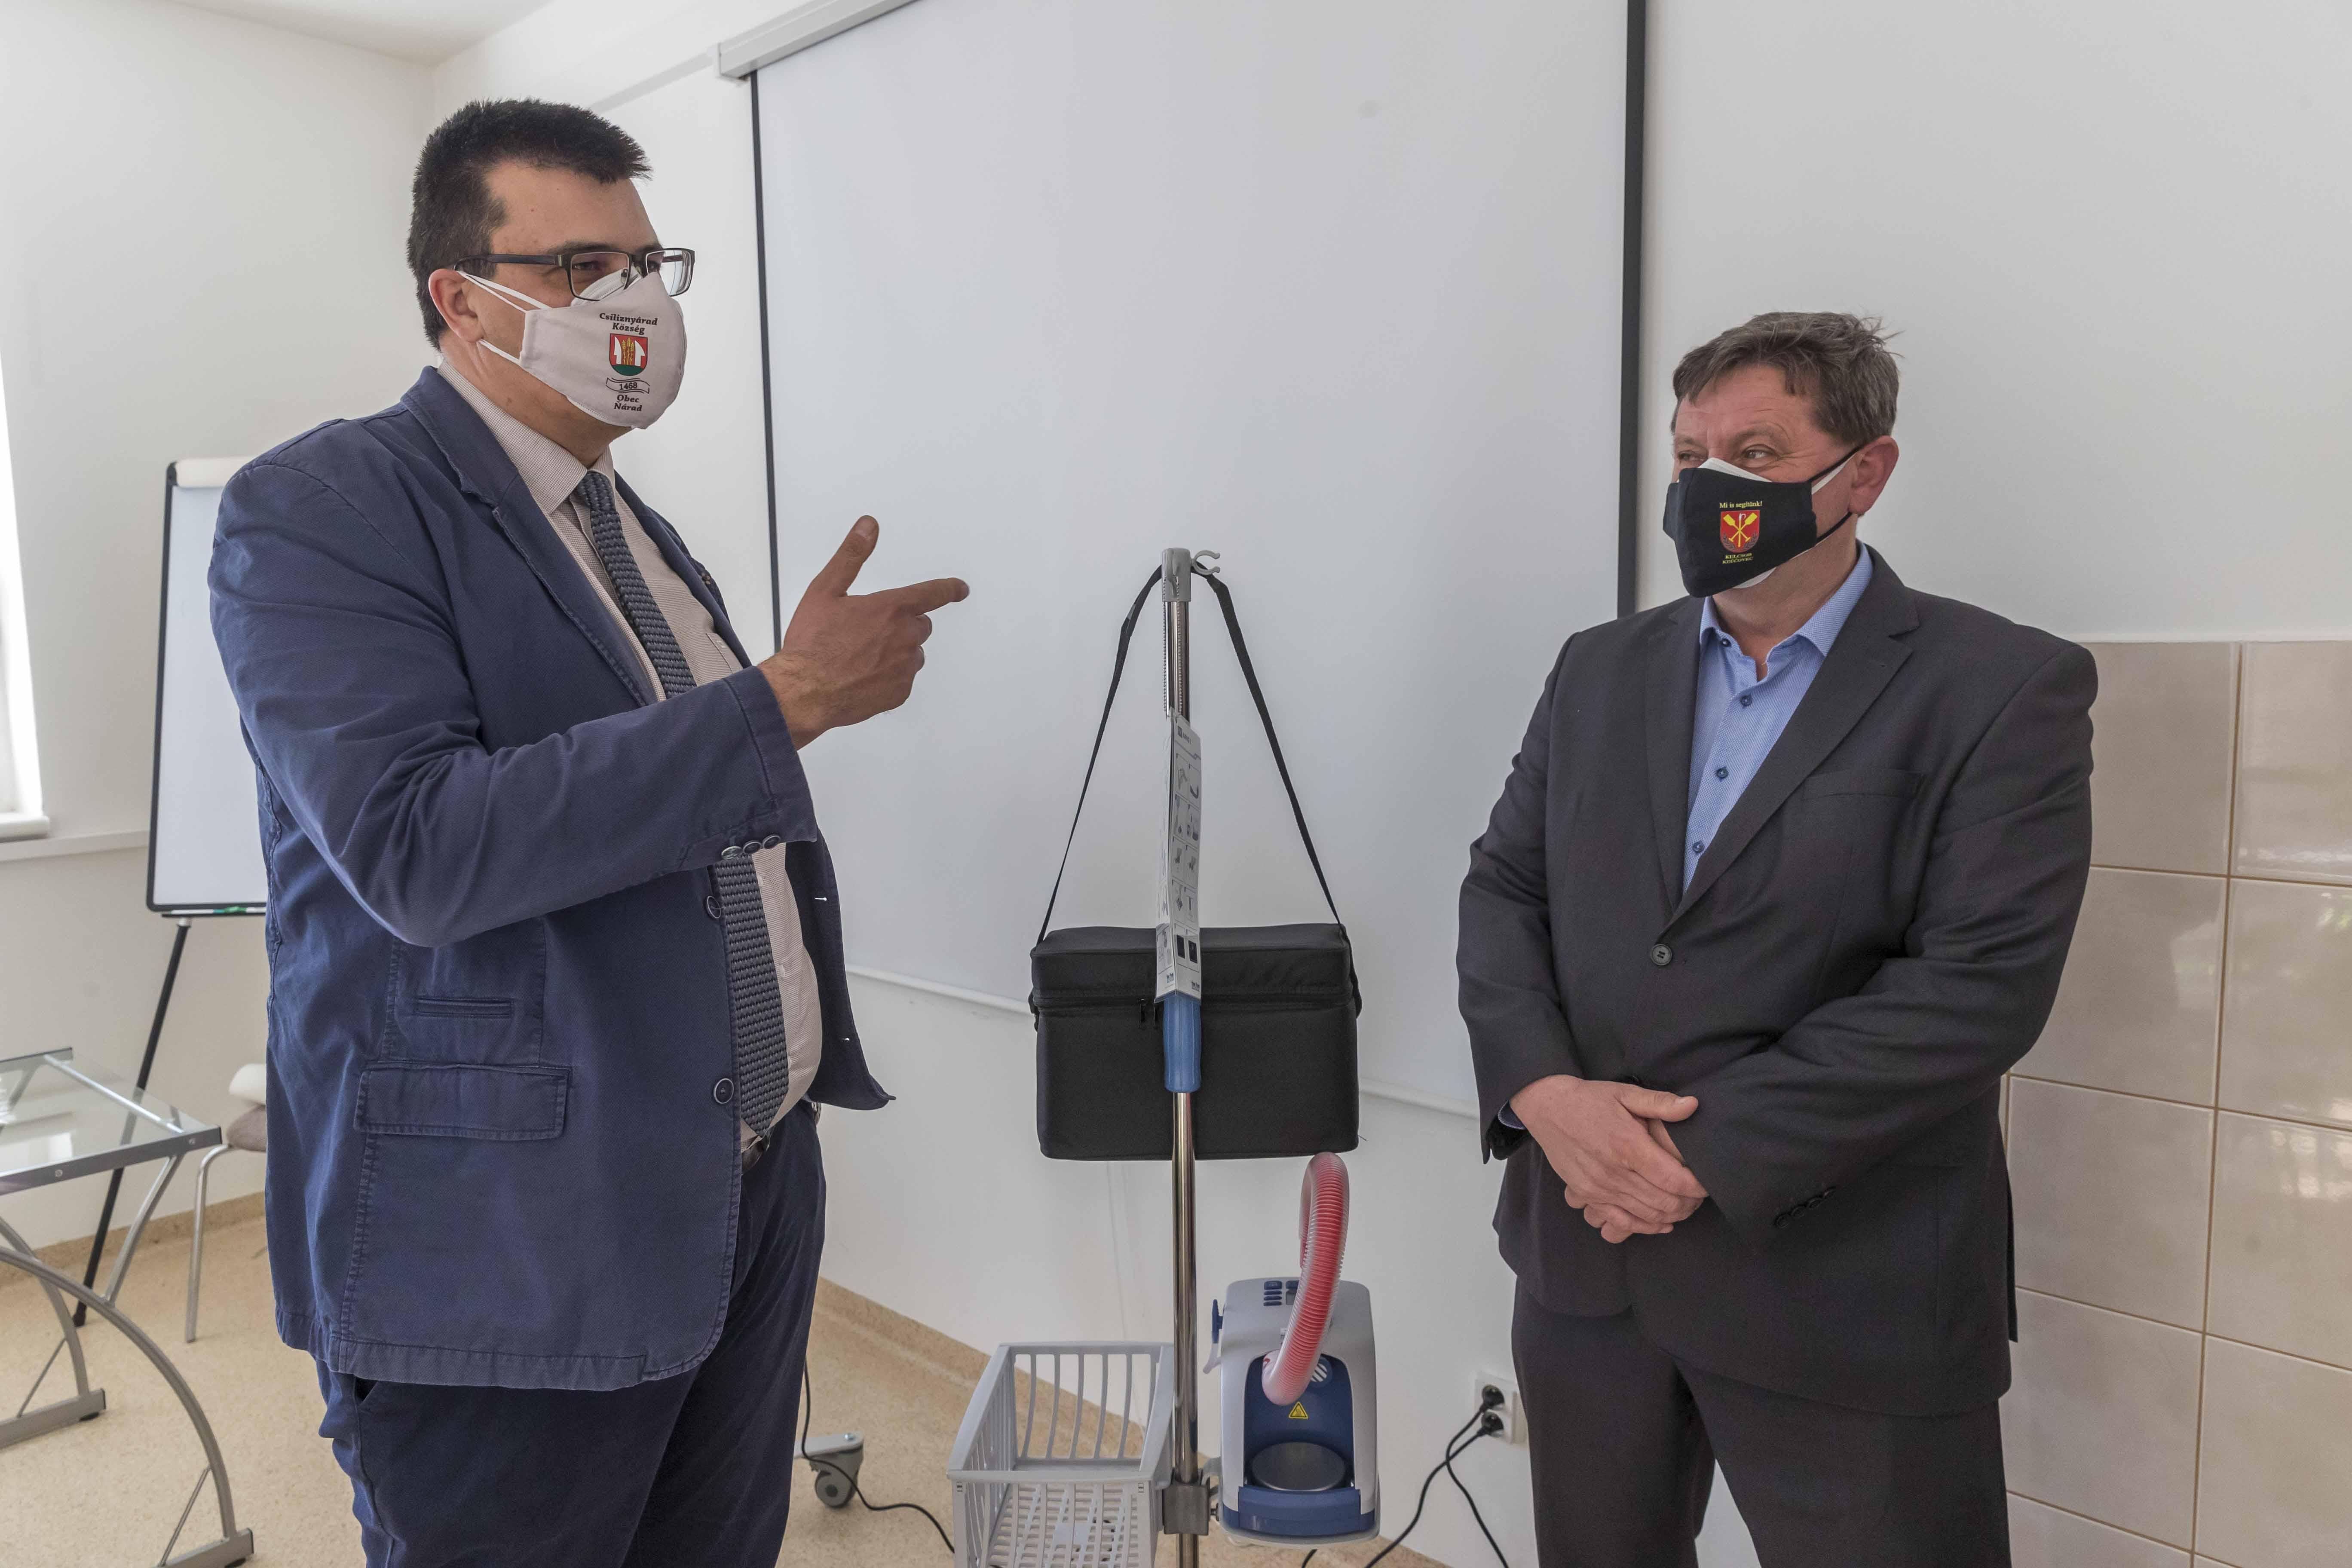 Önkéntes gyűjtés - légzést segítő gép átadása 4